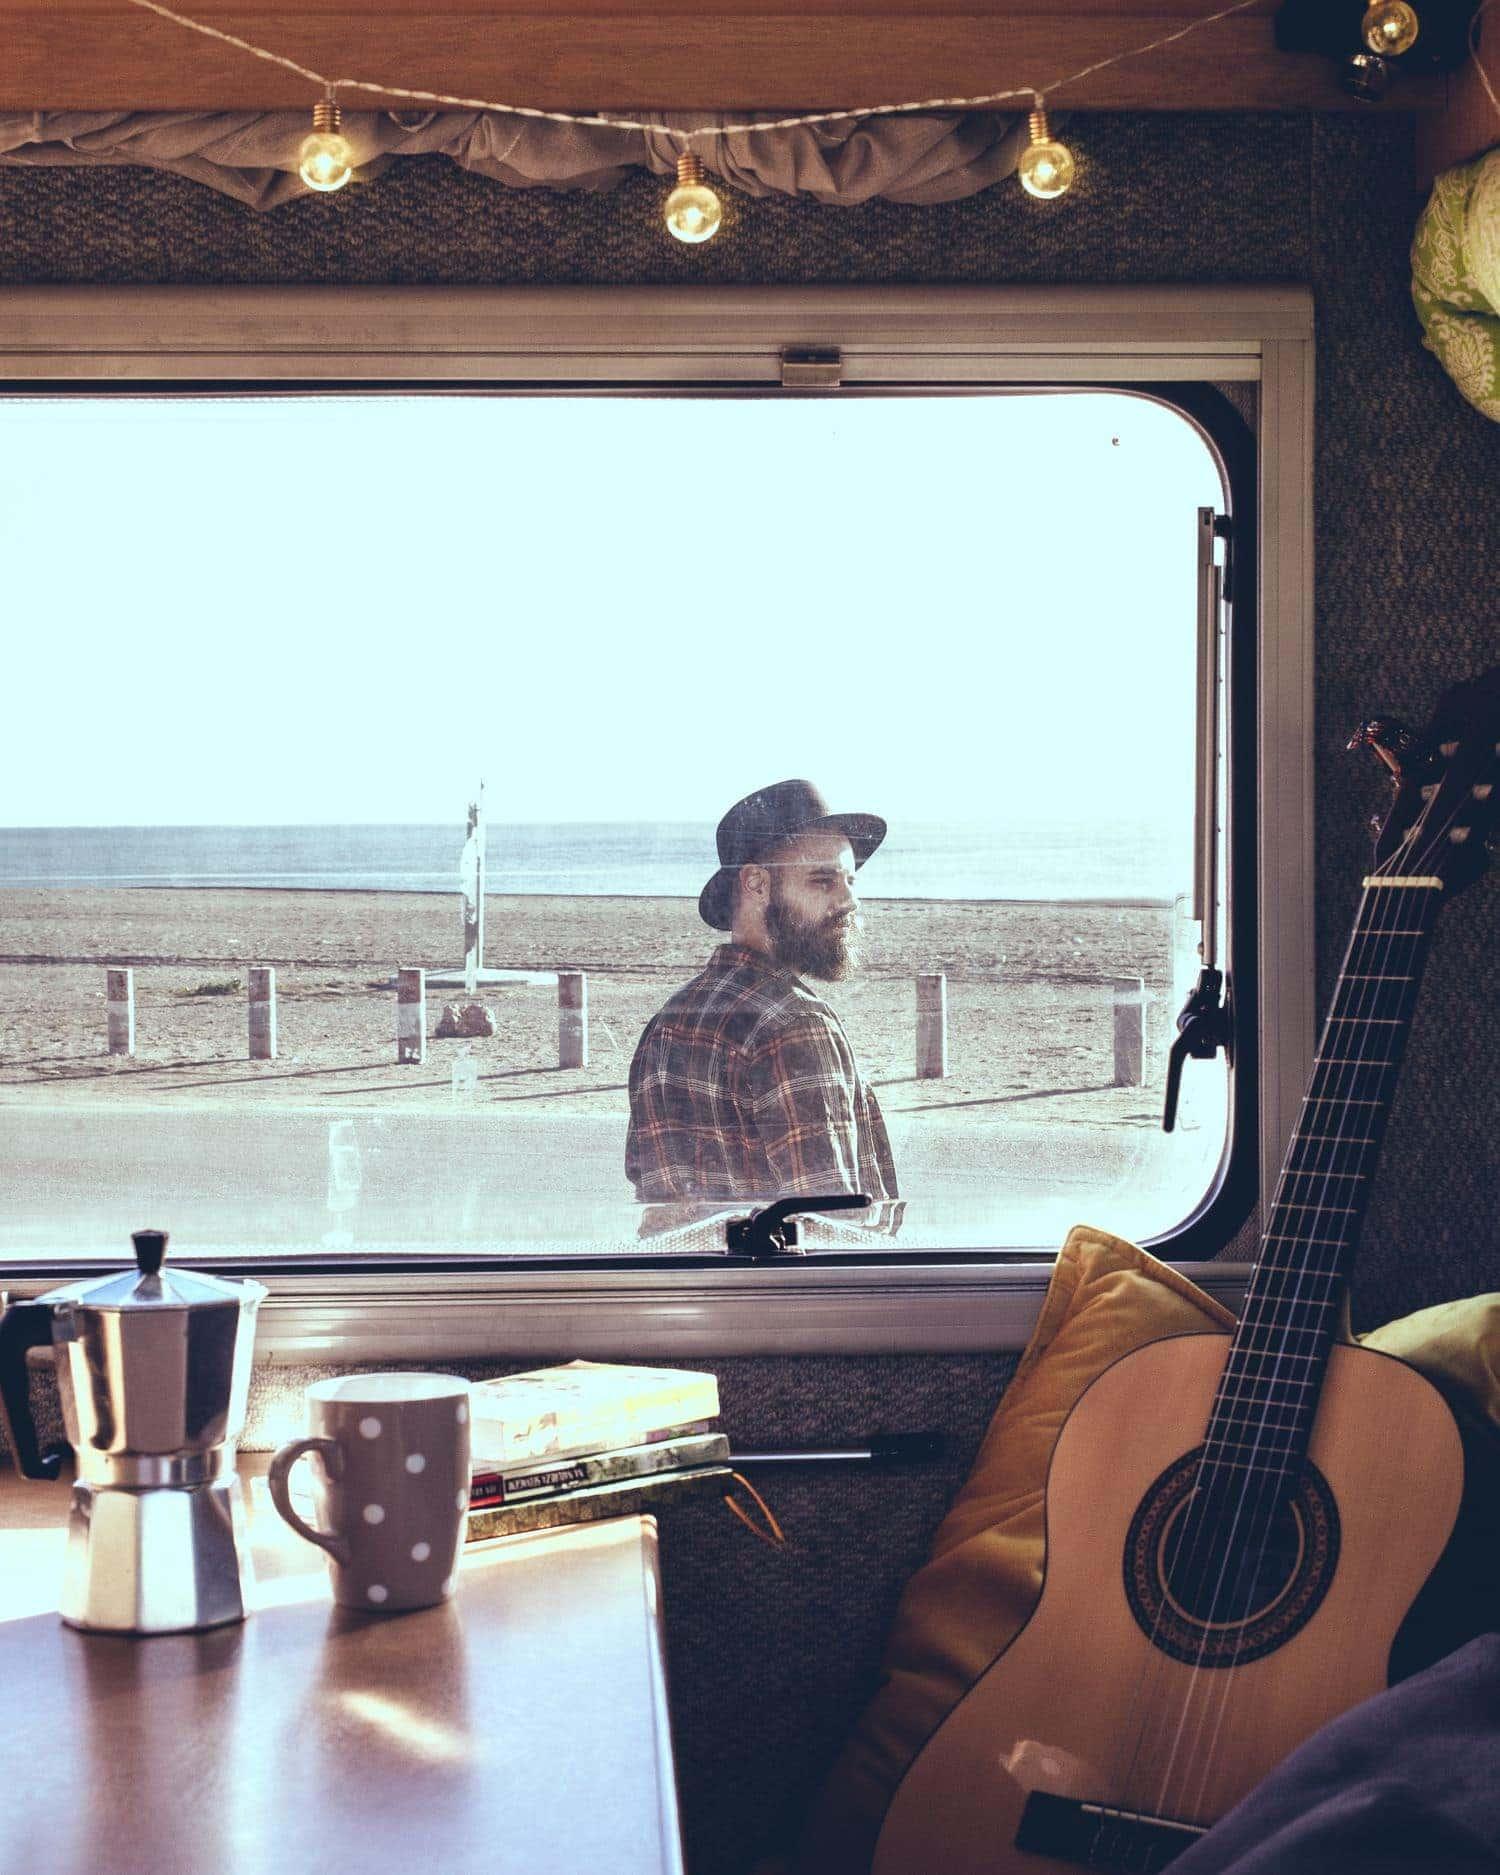 chico con sombrero a través de ventana de una caravana